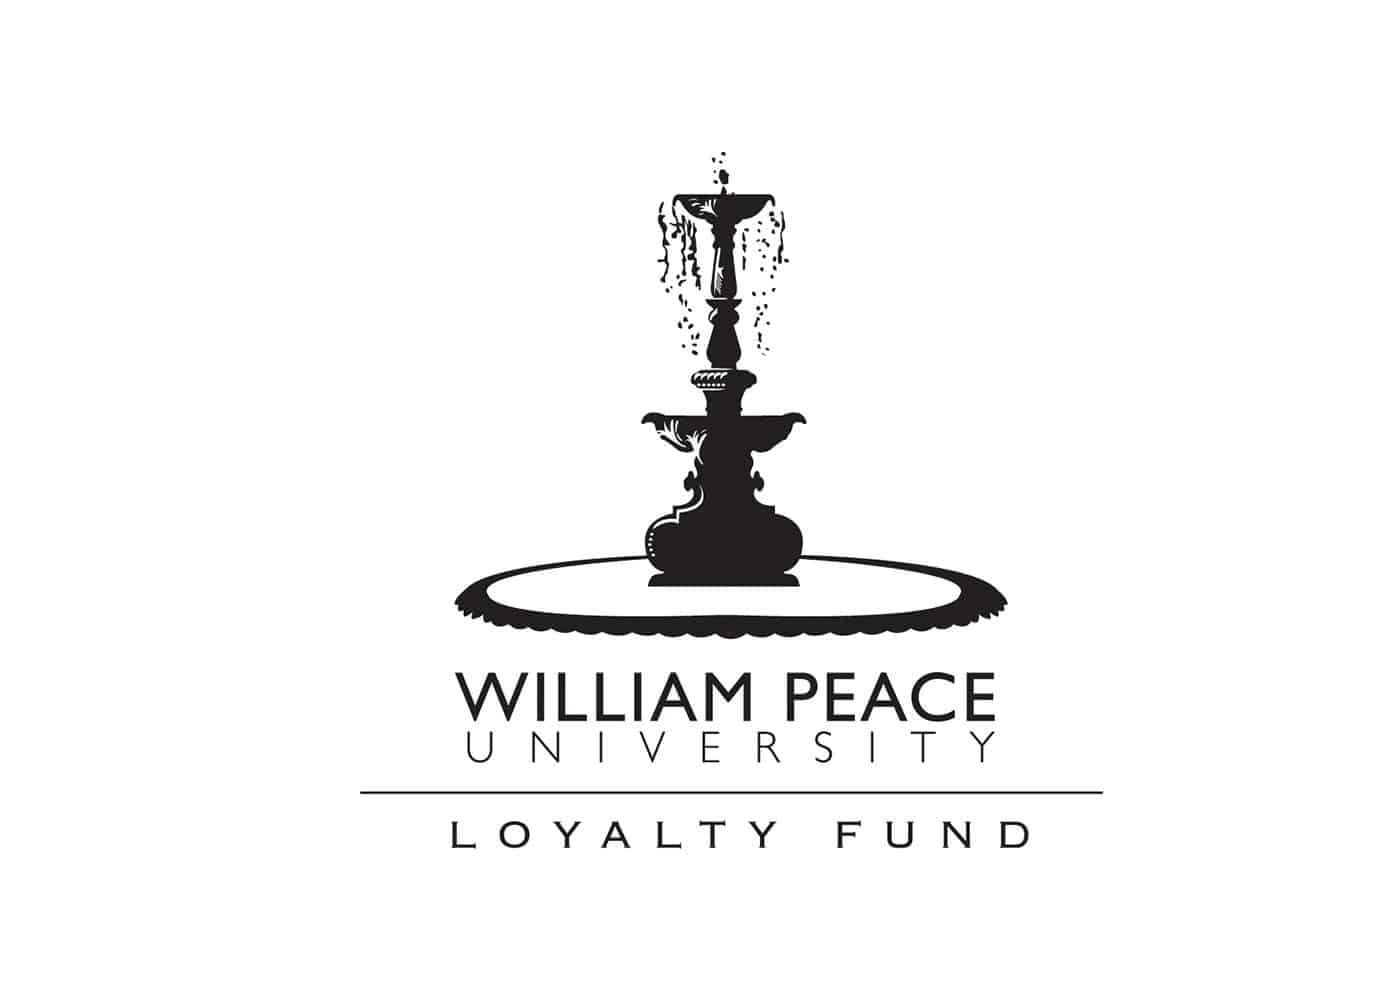 WPU Loyalty Fund